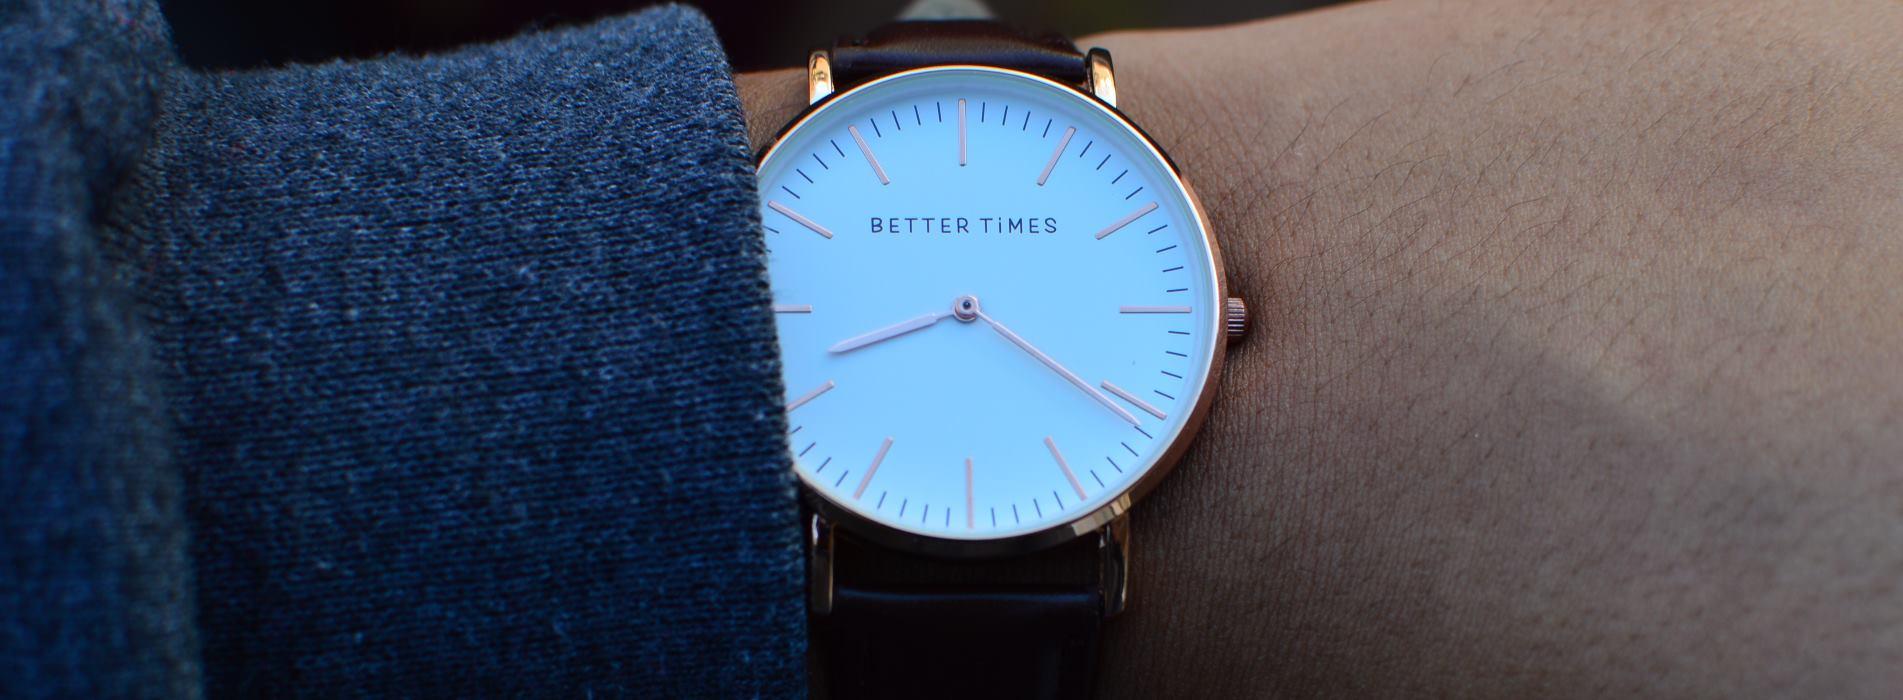 pixi better times seo blog